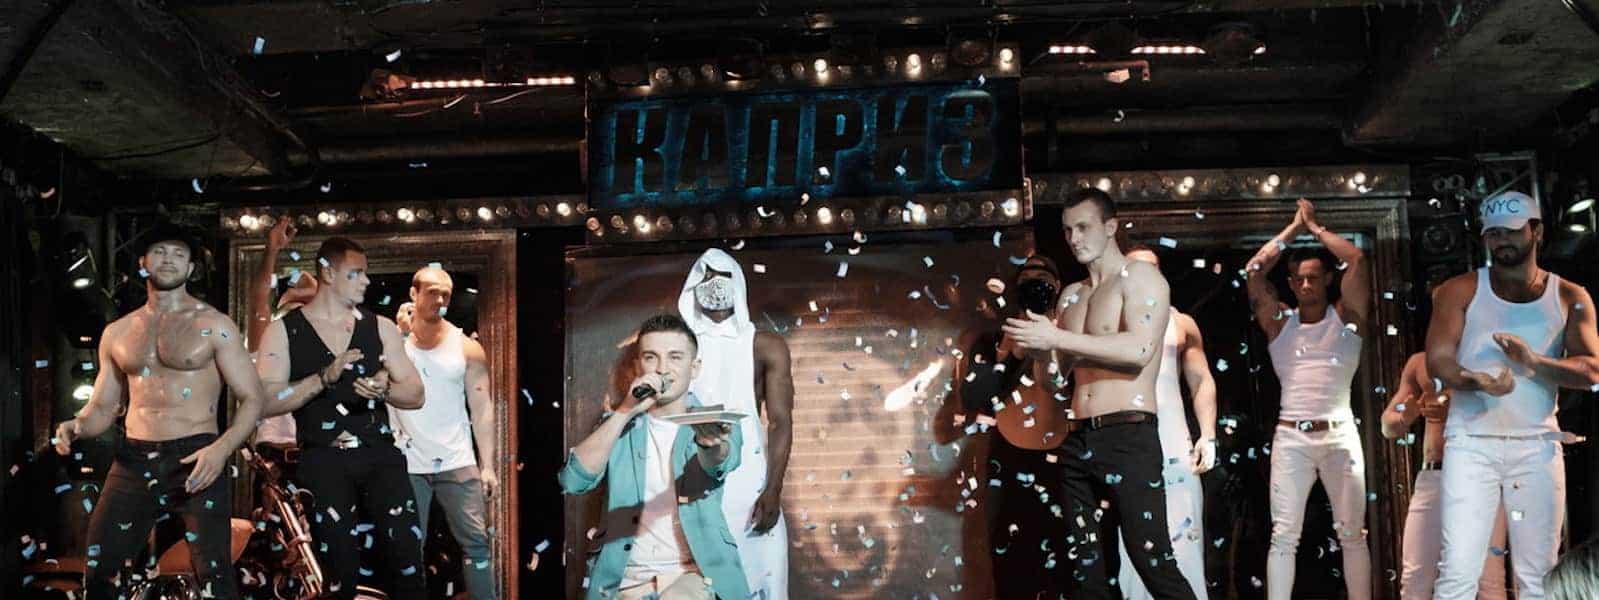 Проведение девичника в стриптиз-клубе «Каприз» в Москве